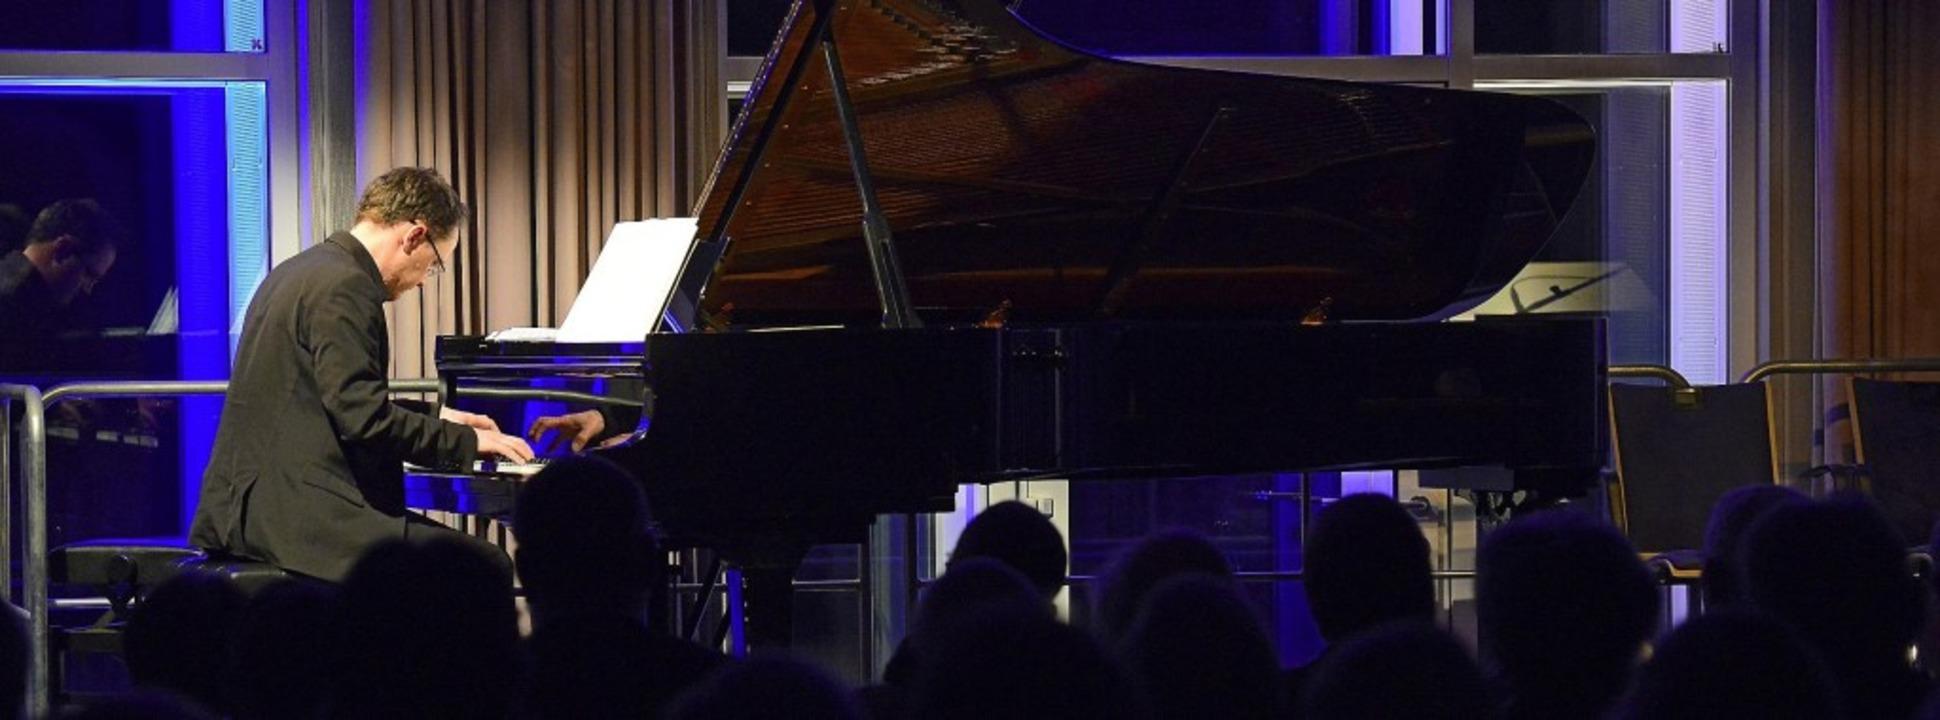 Am Klavier Florian Bischof, der das Mu...m des Eröffnungsabends mitgestaltete.     Foto: Ingo schneider